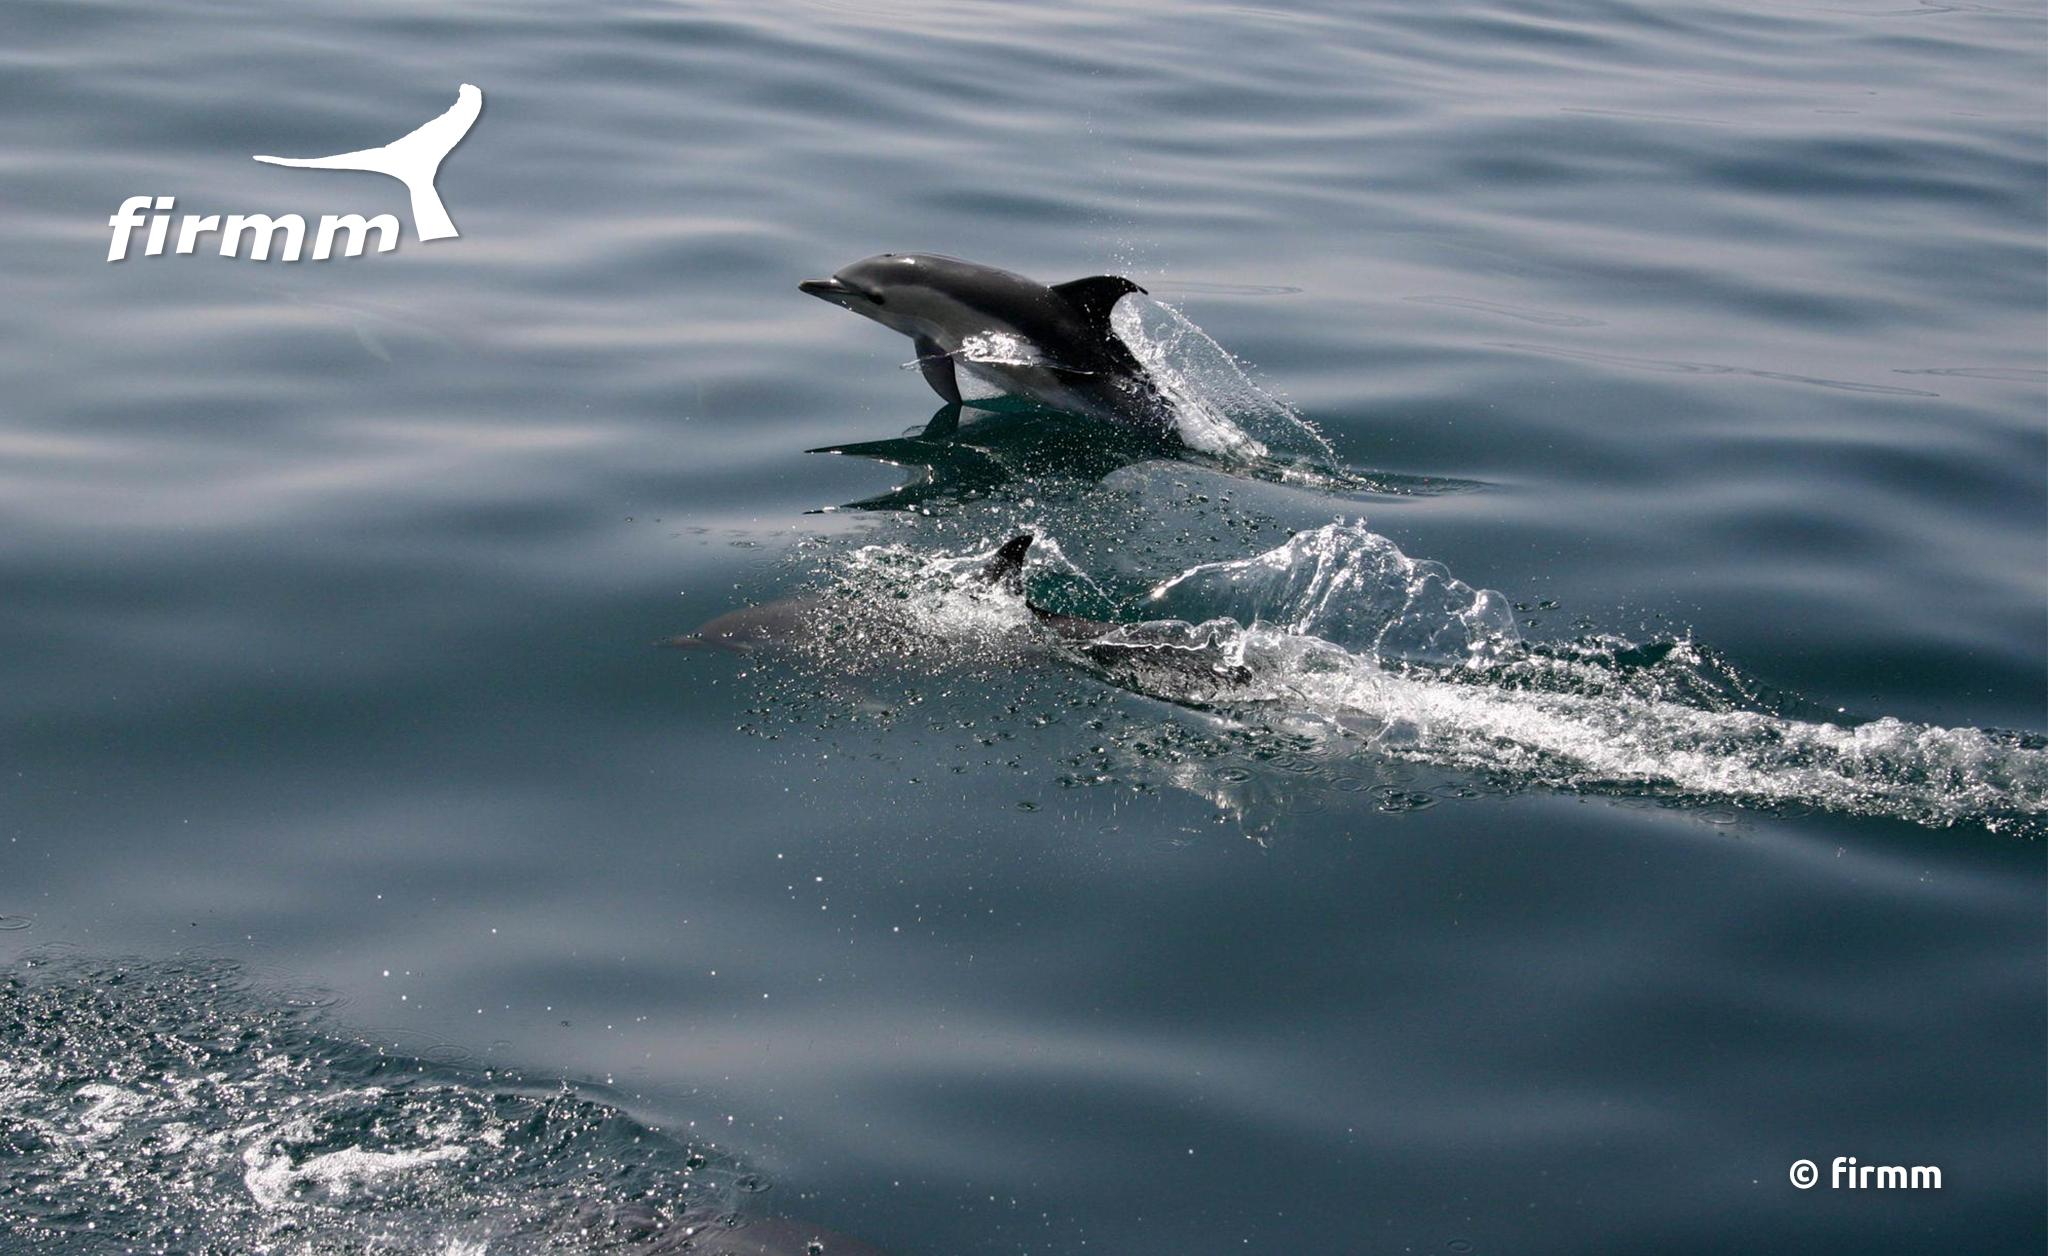 Avistamiento de cetáceos | firmm